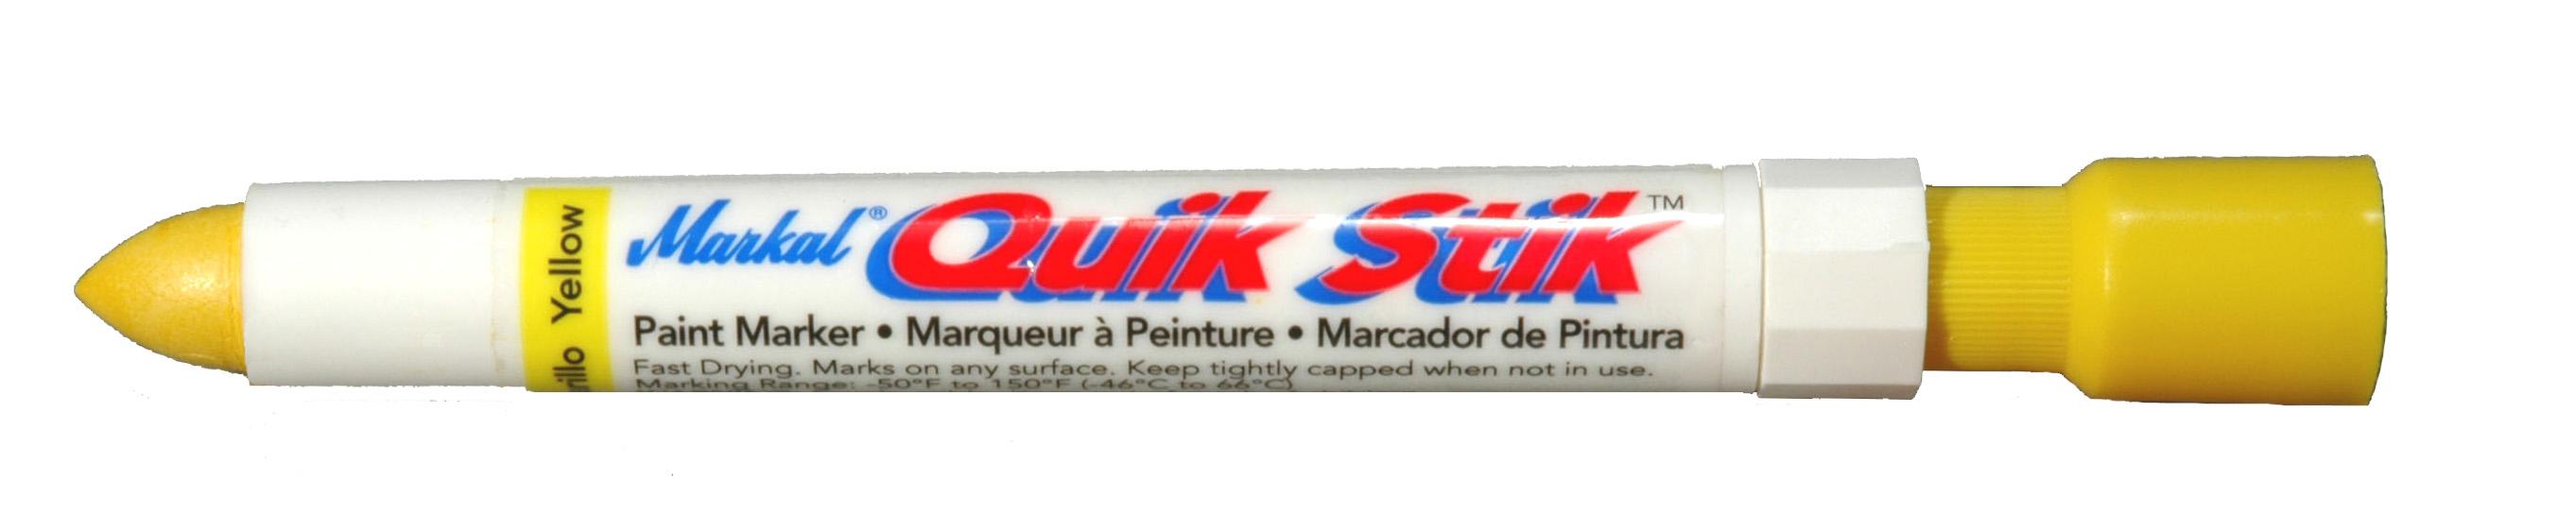 Markal Quik Stik Paint Marker - White